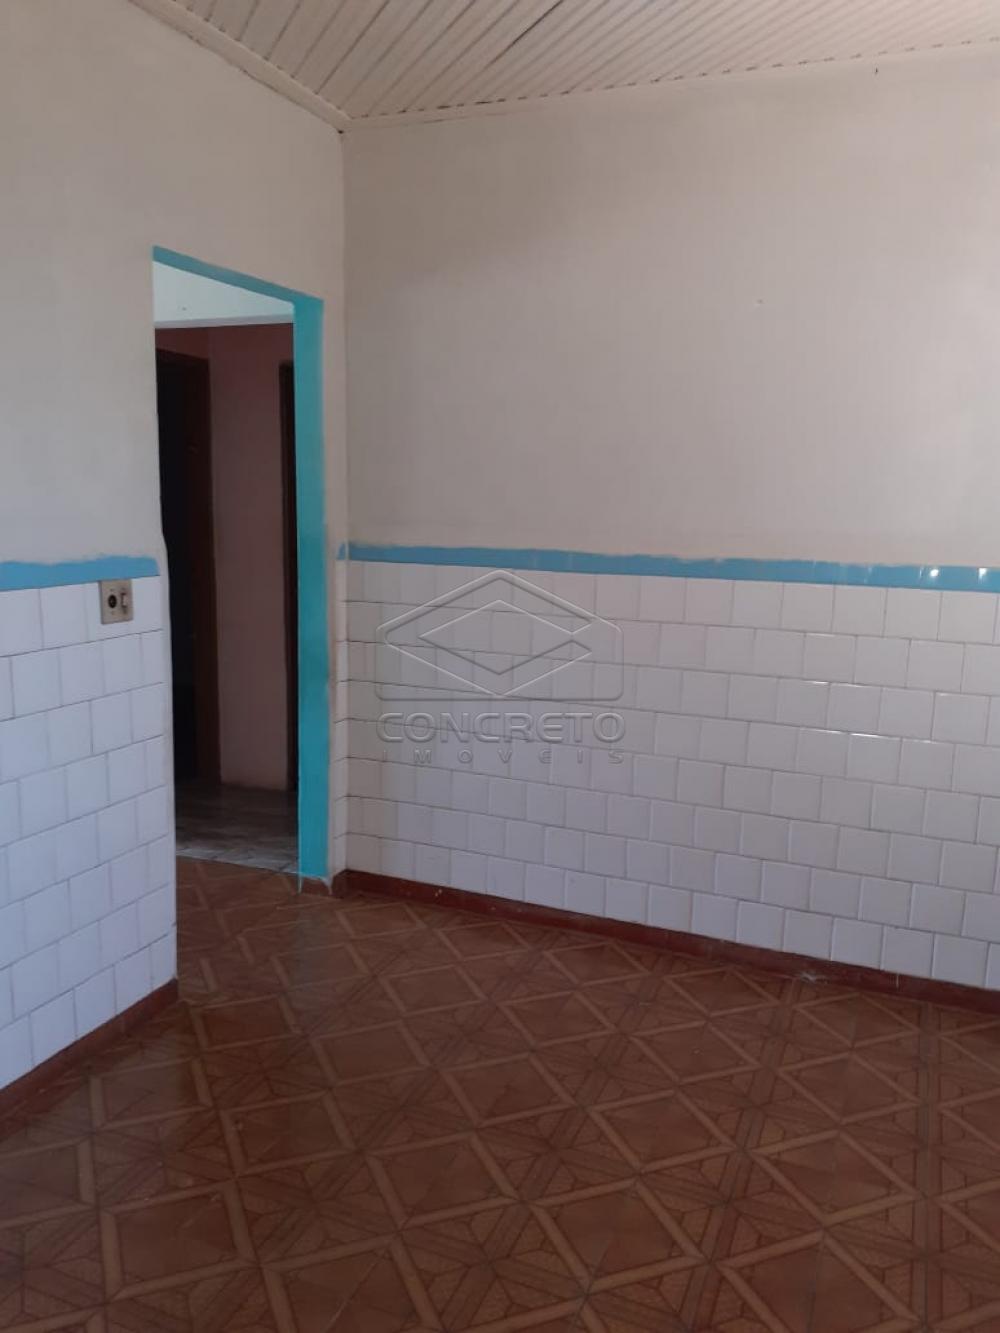 Comprar Casa / Padrão em Sao Manuel R$ 150.000,00 - Foto 6